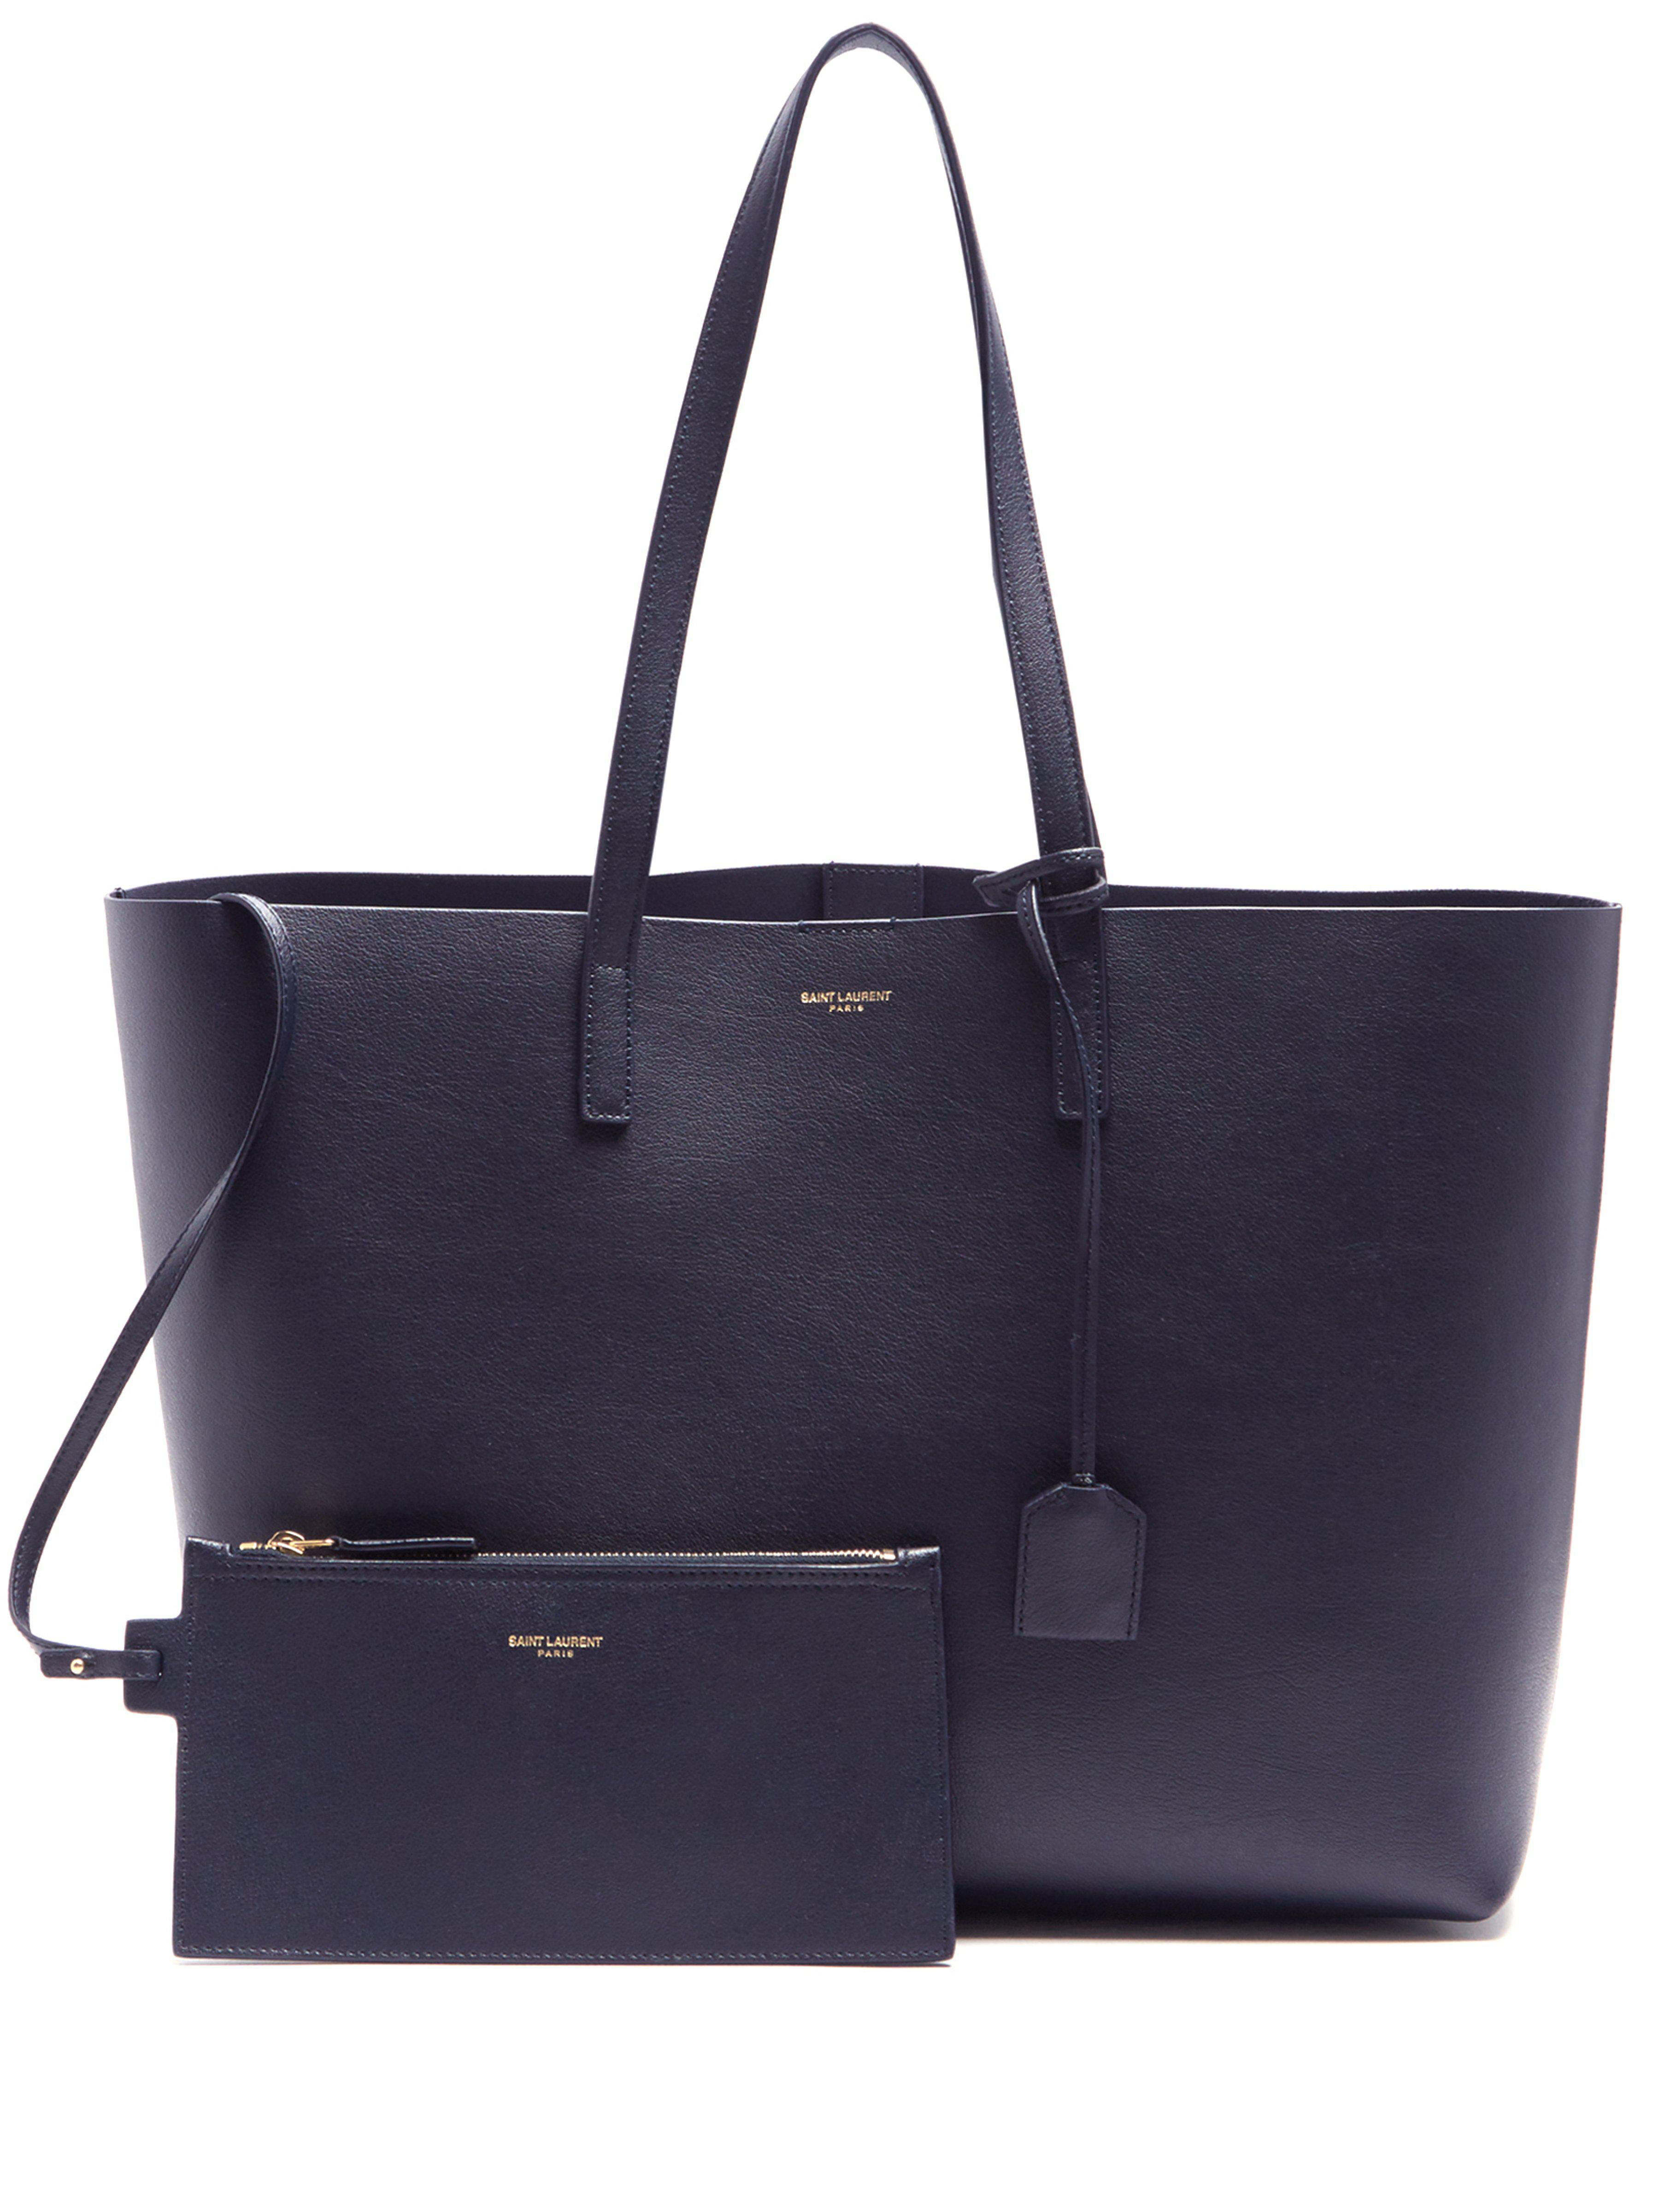 6c32193f0a4c Saint Laurent Medium Leather Tote in Blue - Save 5.839416058394164 ...